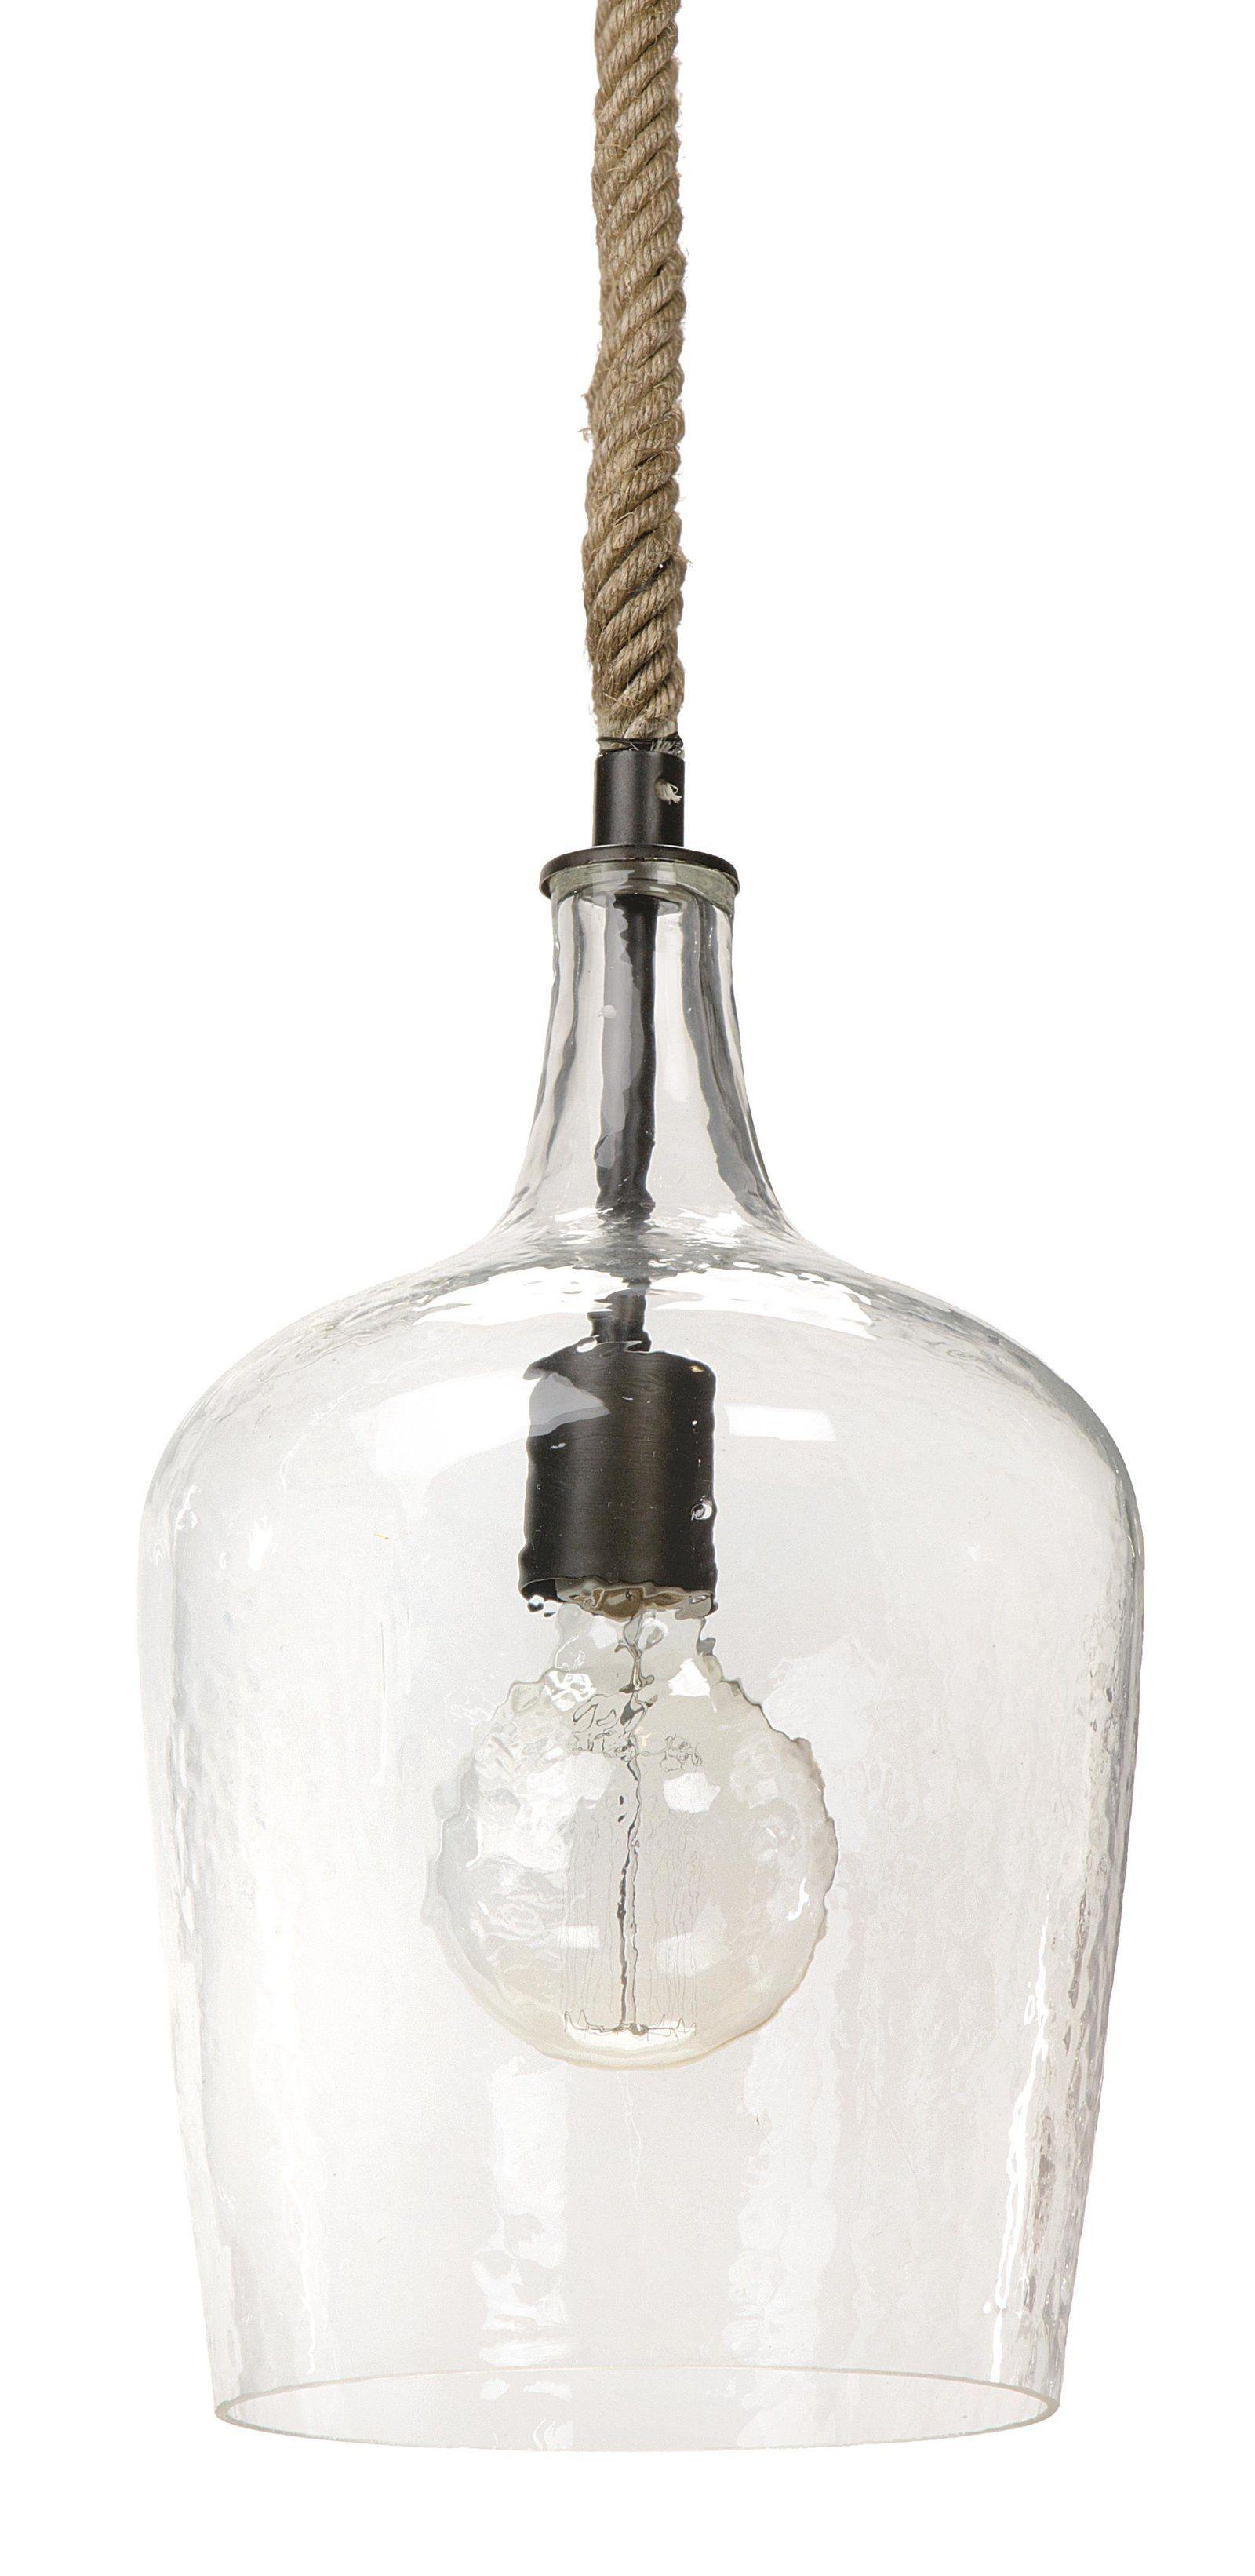 Rehoboth Hammered Glass Pendant Glass Pendant Shades Glass Pendants Shades Of Light Hammered glass pendant light